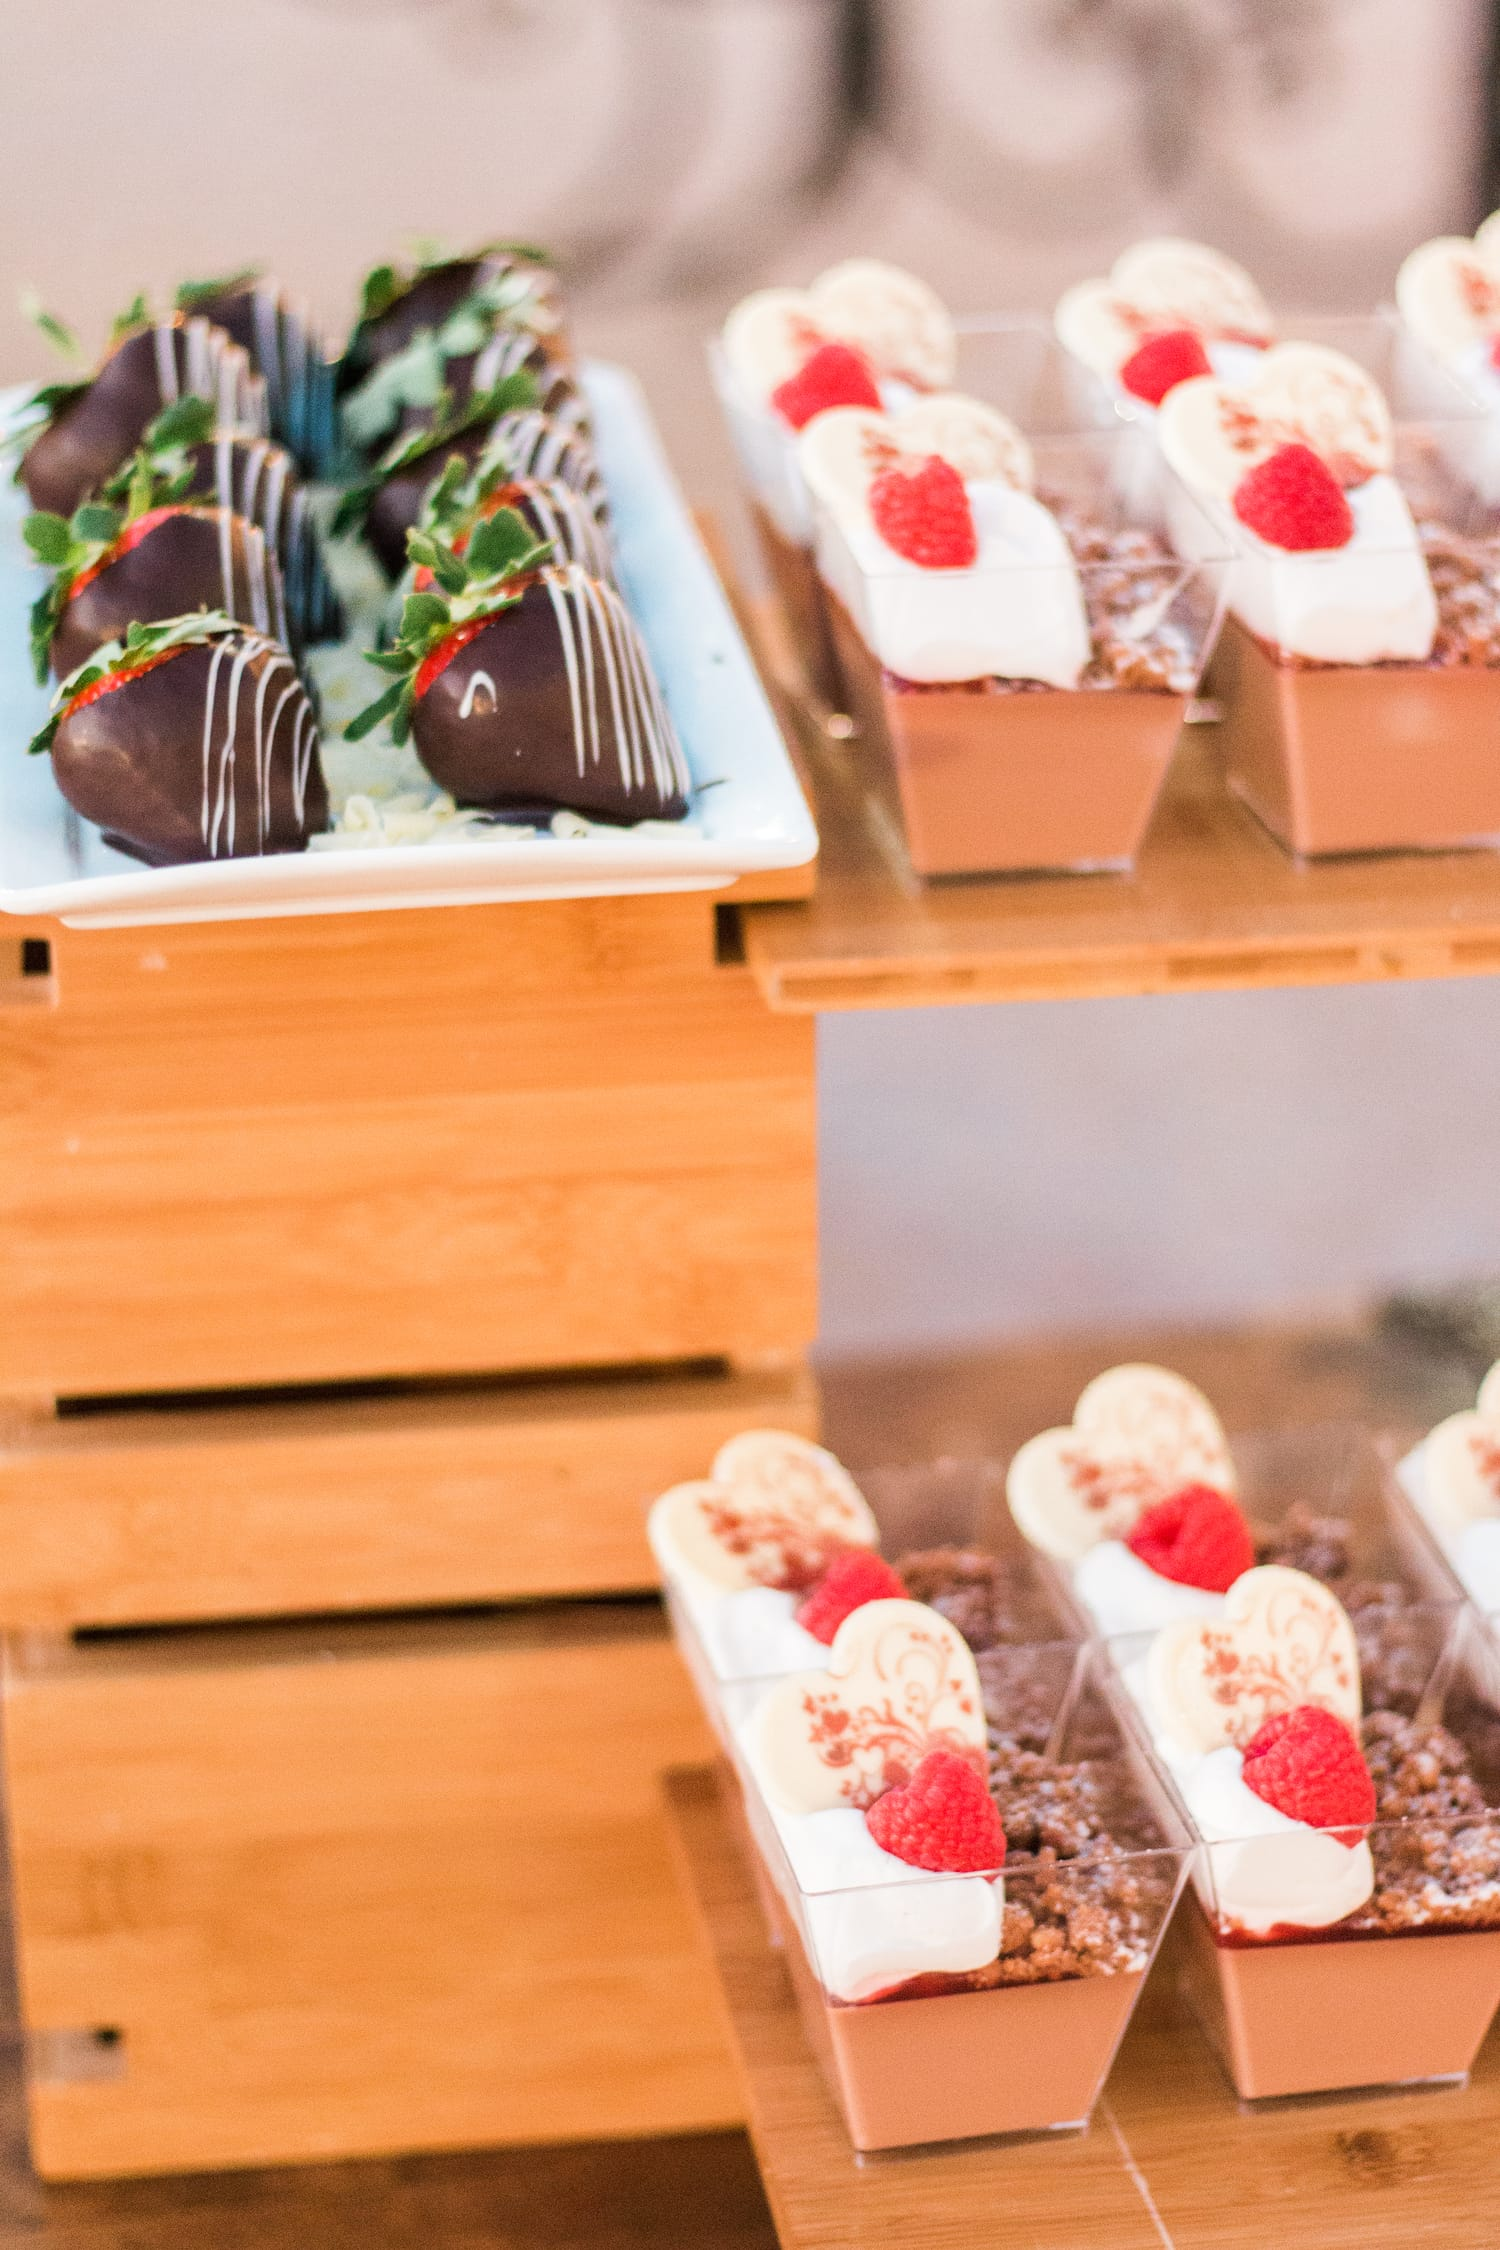 Chocolate strawberries dessert at Portofino Bay resort